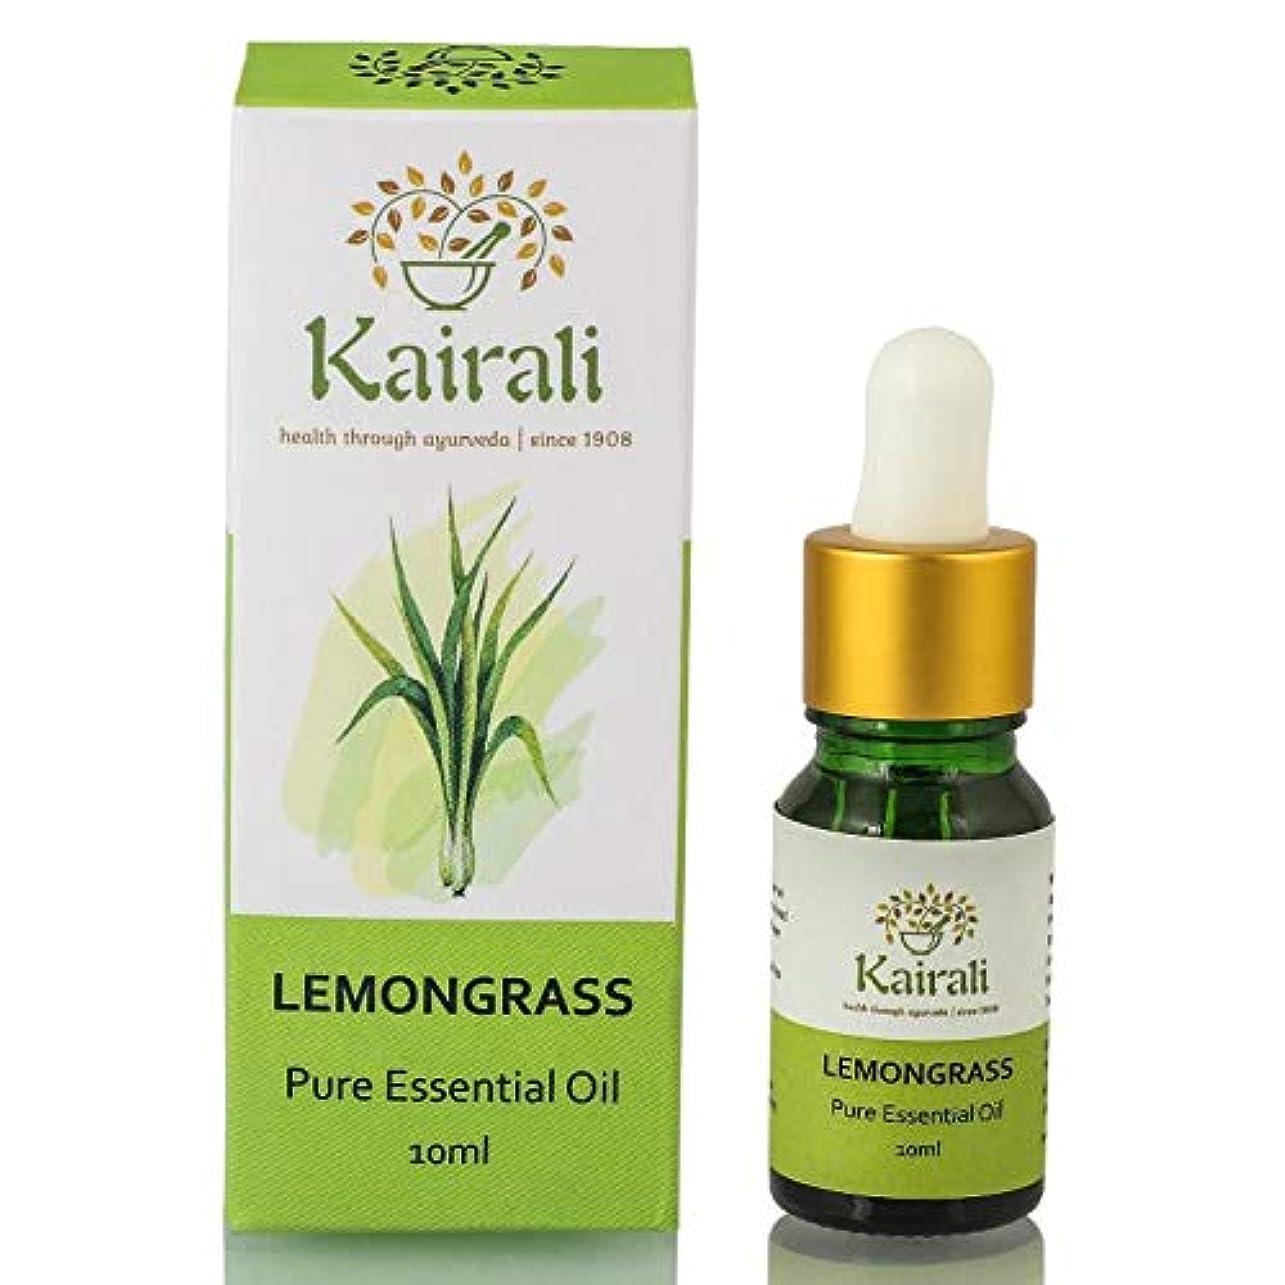 失速市民権おそらくカイラリ エッセンシャルオイル レモングラス 10ml(天然100%精油)Kairali アロマオイル